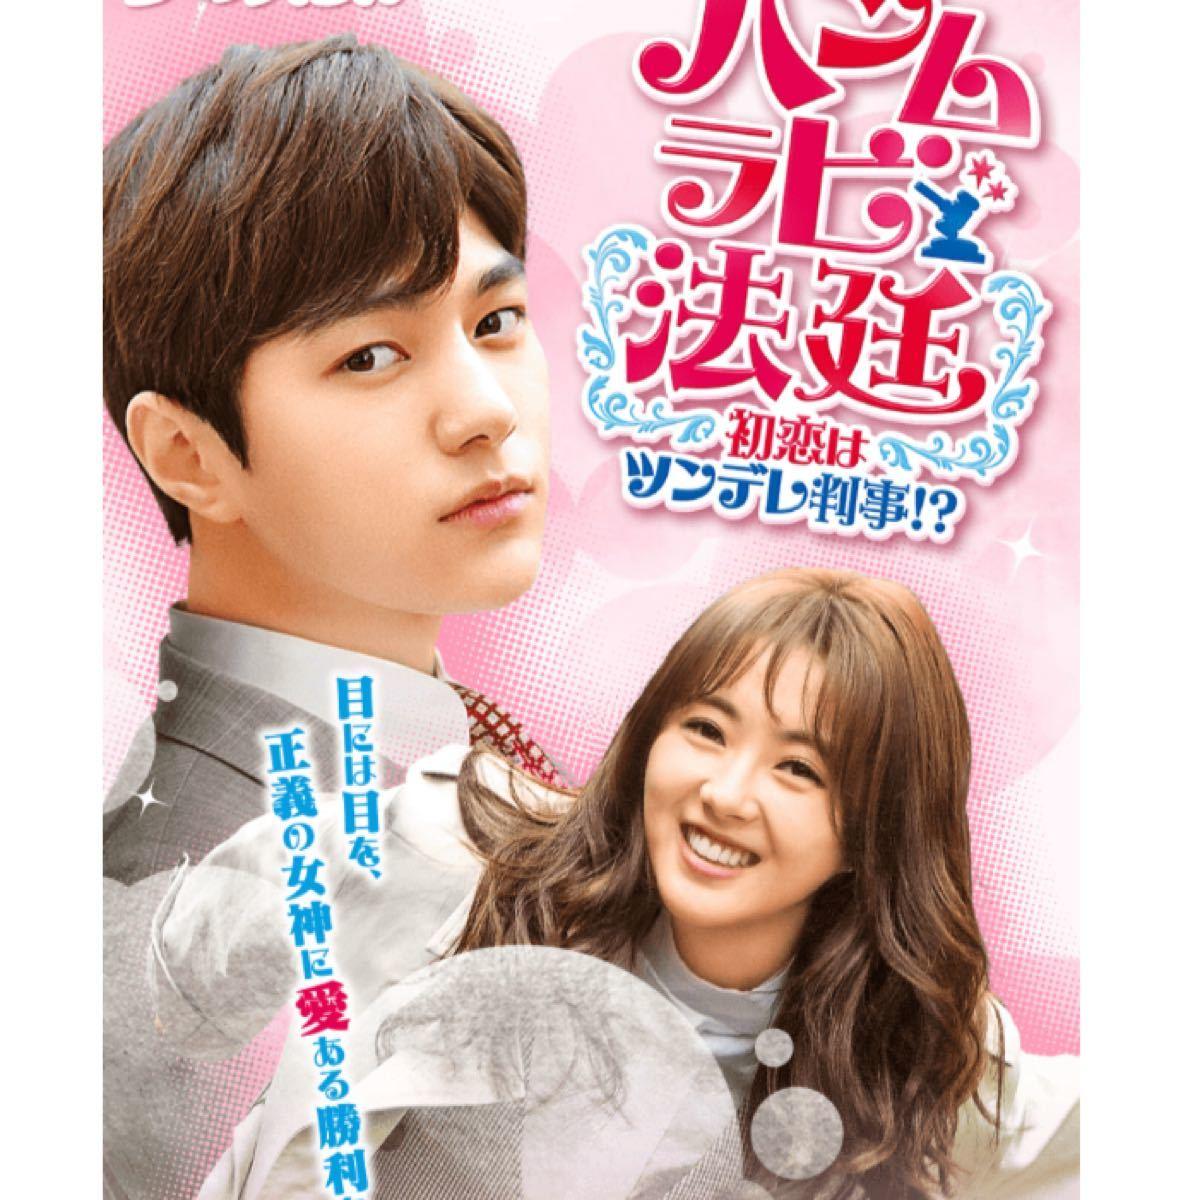 ☆韓国ドラマ☆『ミス・ハンムラビ』 Blu-ray  全話 CDケース入